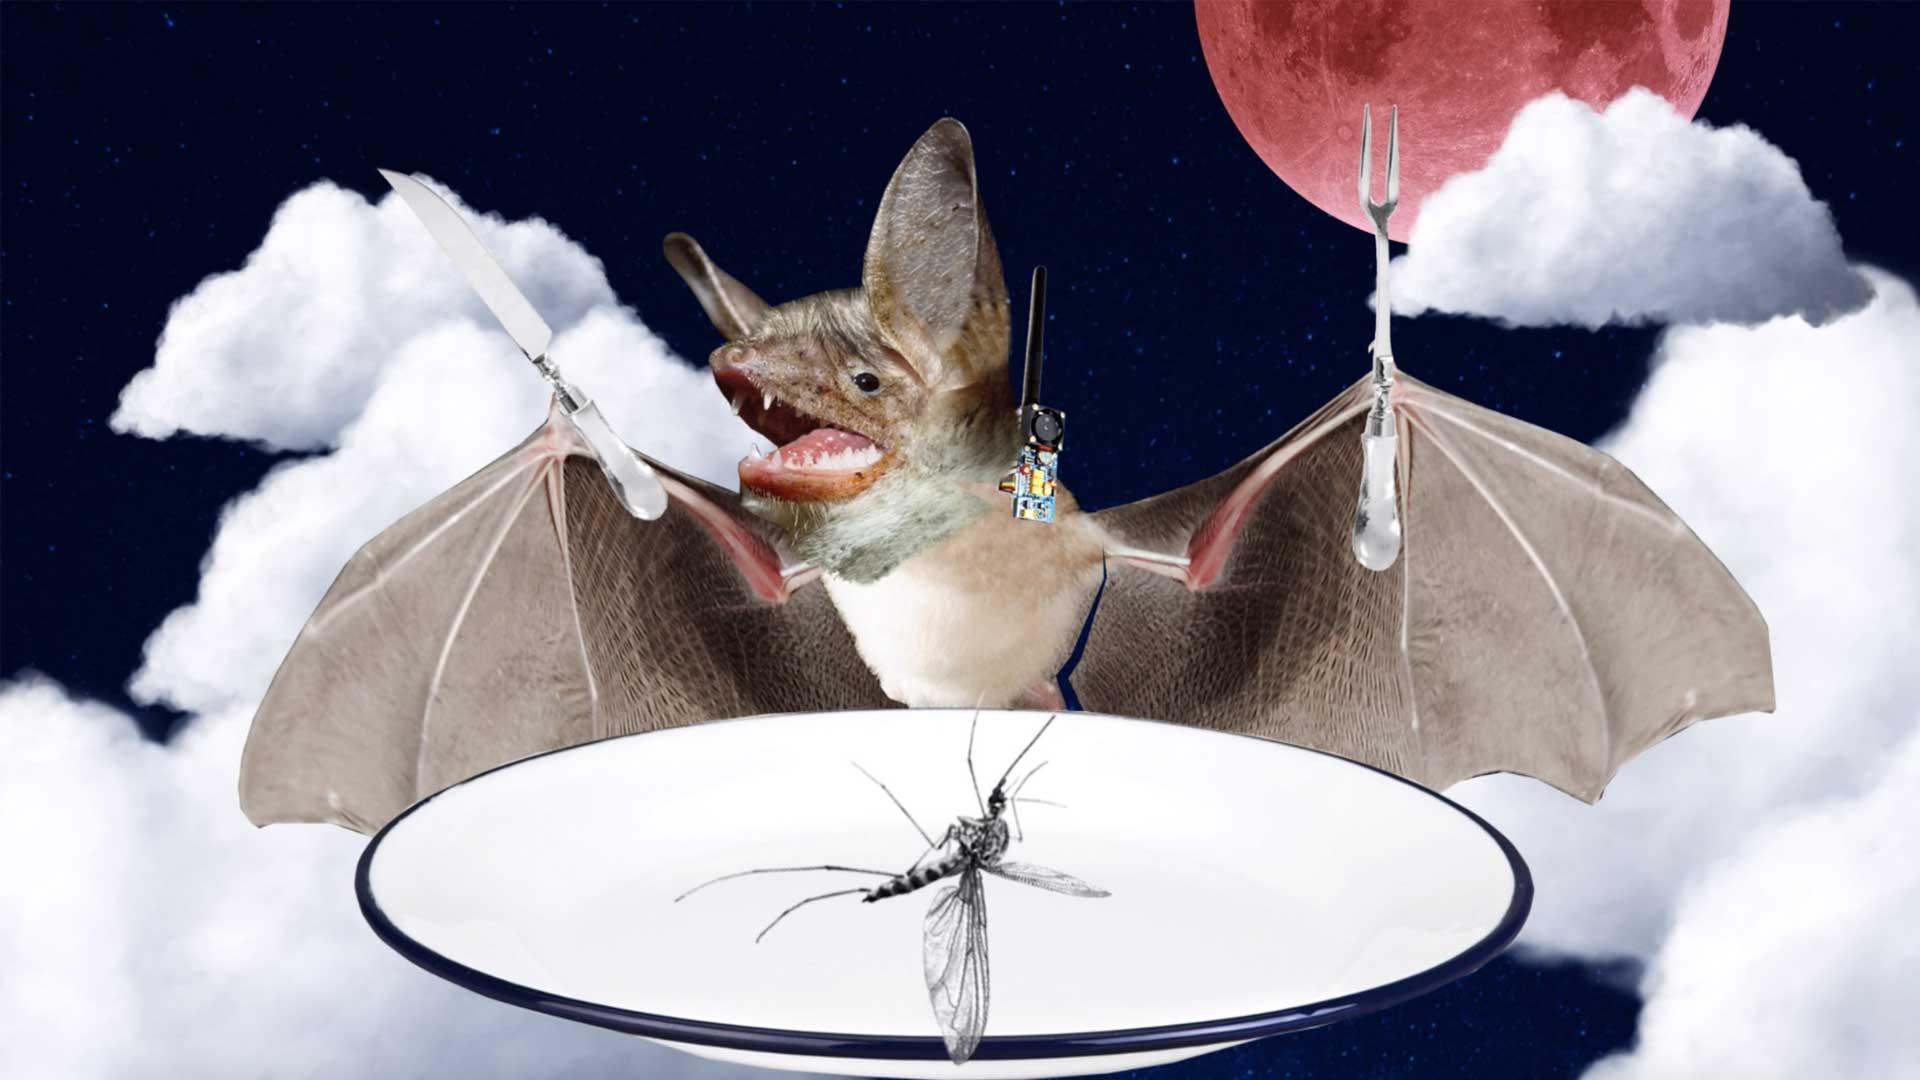 chauve-sourie moustique manger assiette nourrir lune espace nuage